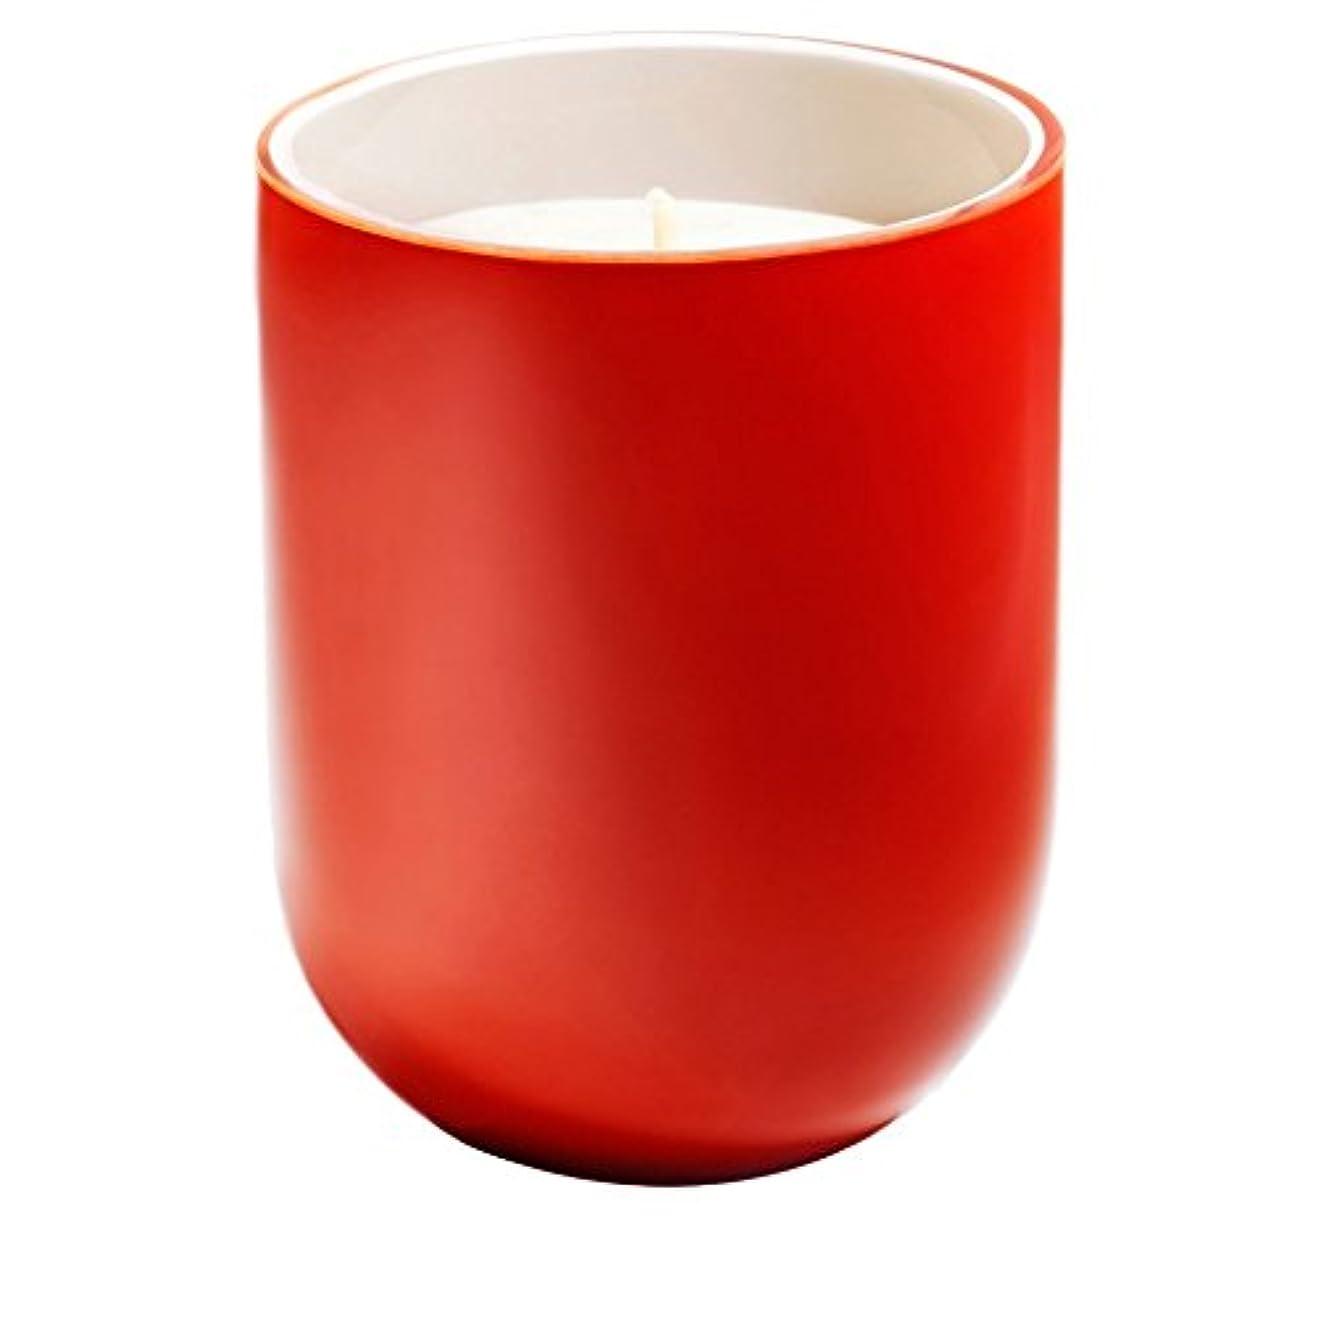 共和国スケジュール変形Frederic Malle Un Gard?nia La Nuit Scented Candle (Pack of 4) - フレデリック?マル国連ガーデニア?ラ?ニュイ香りのキャンドル x4 [並行輸入品]